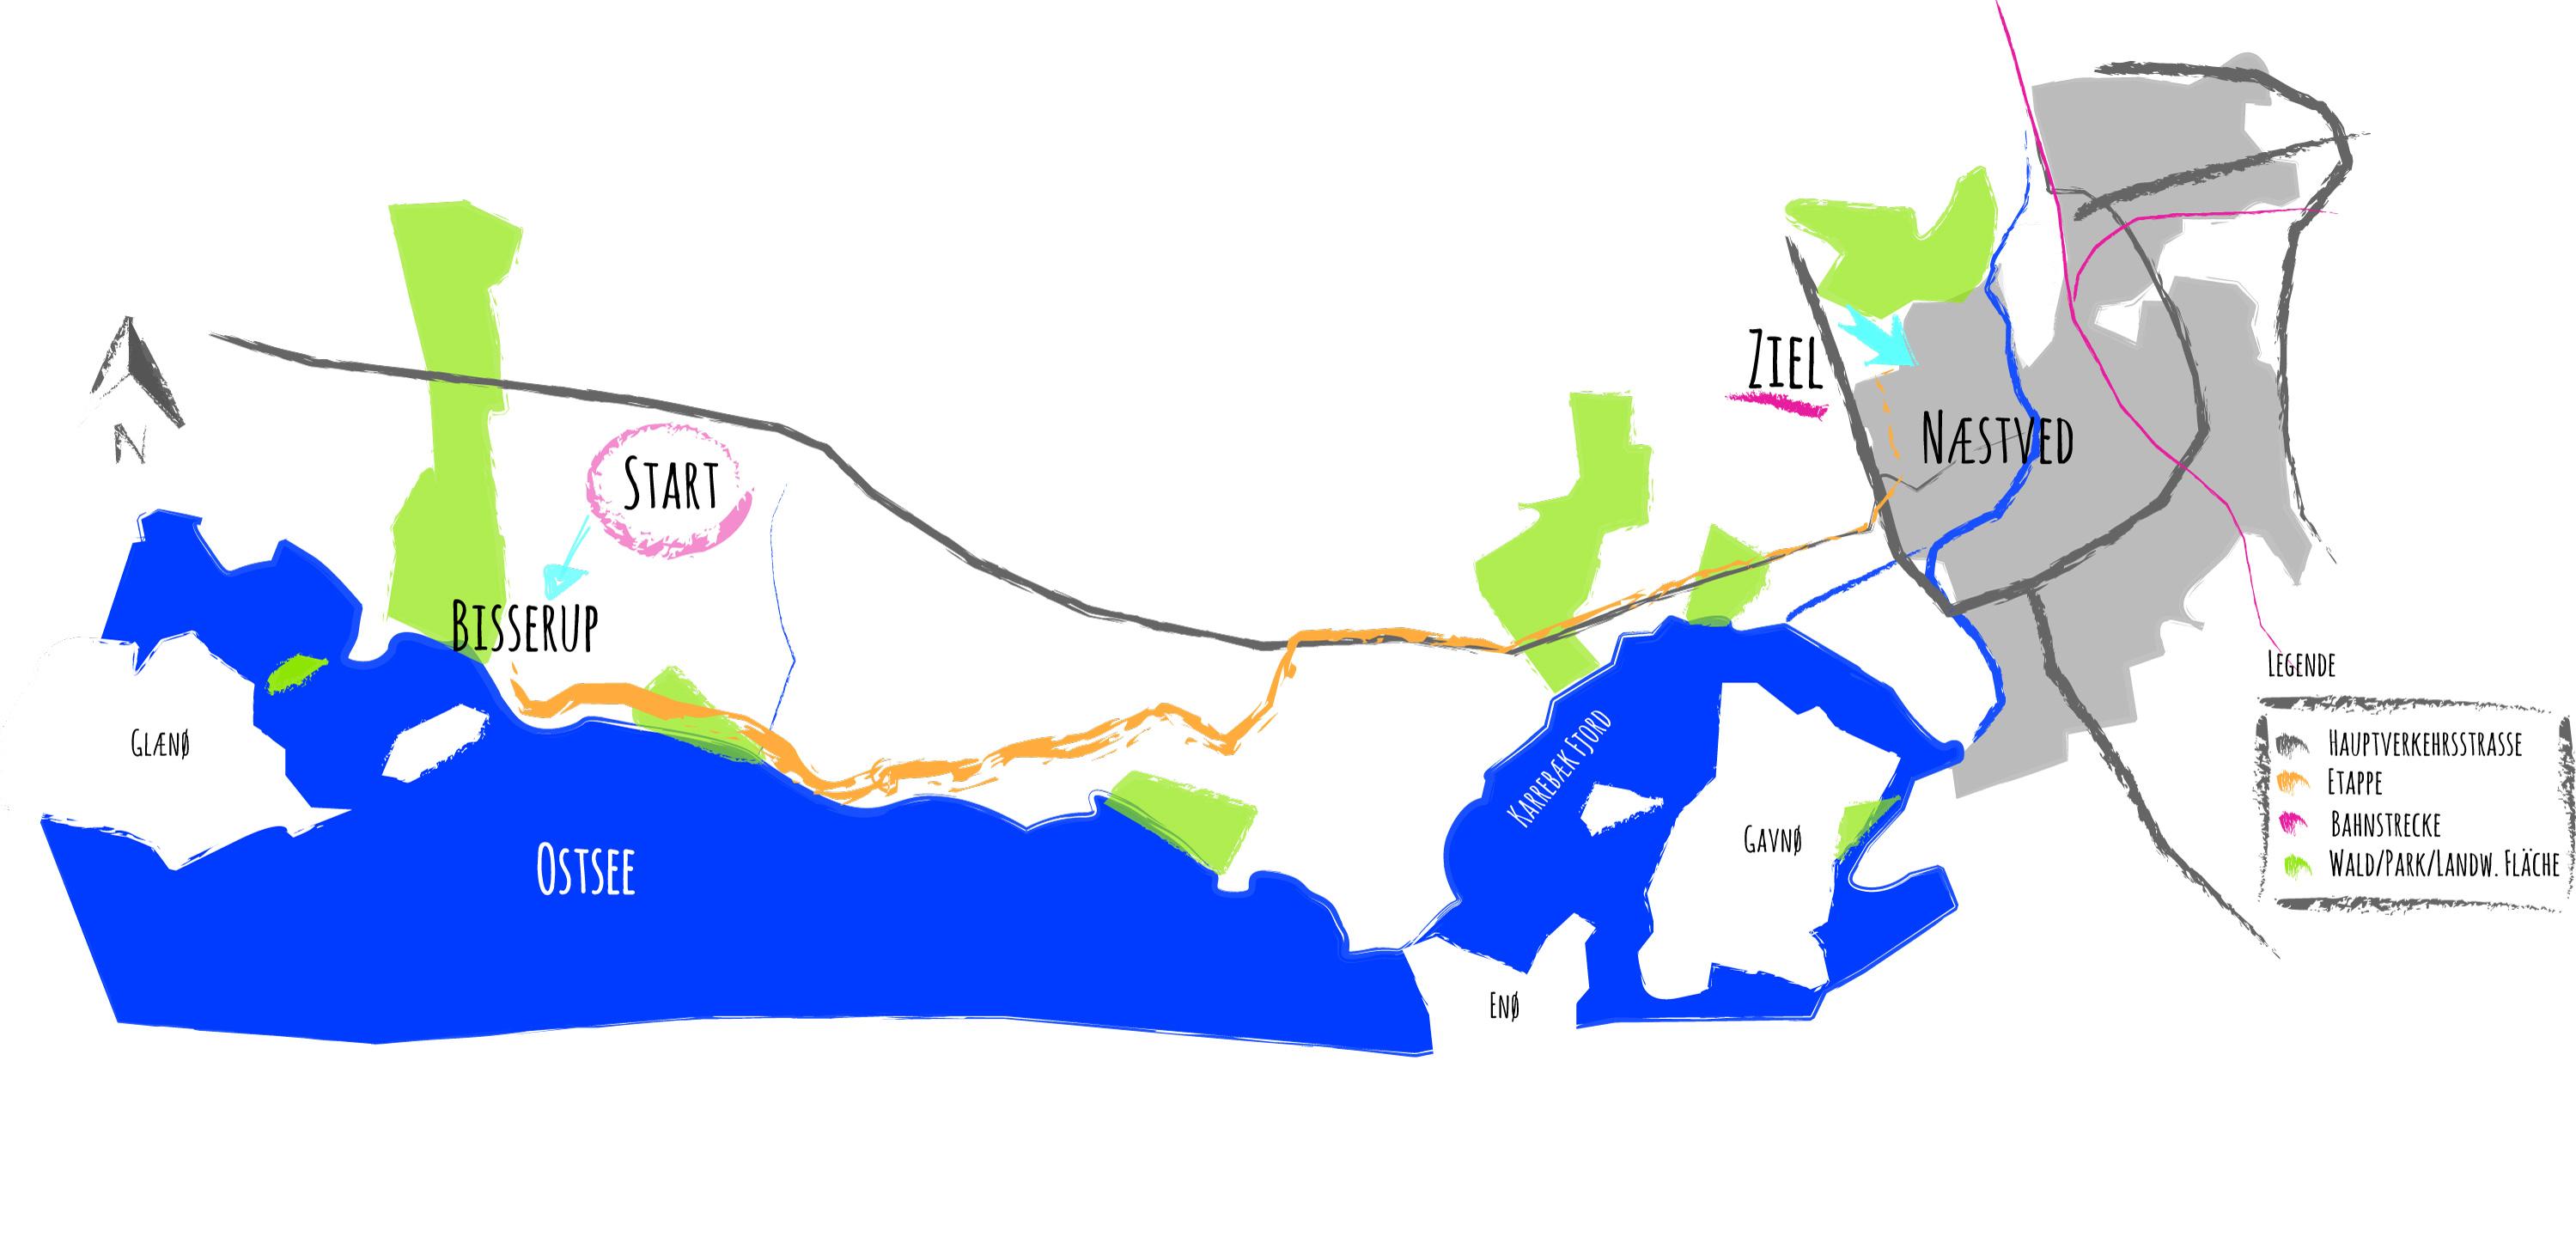 Dänemark: Von Bisserup nach Næstved (20 km) - Cyclekid